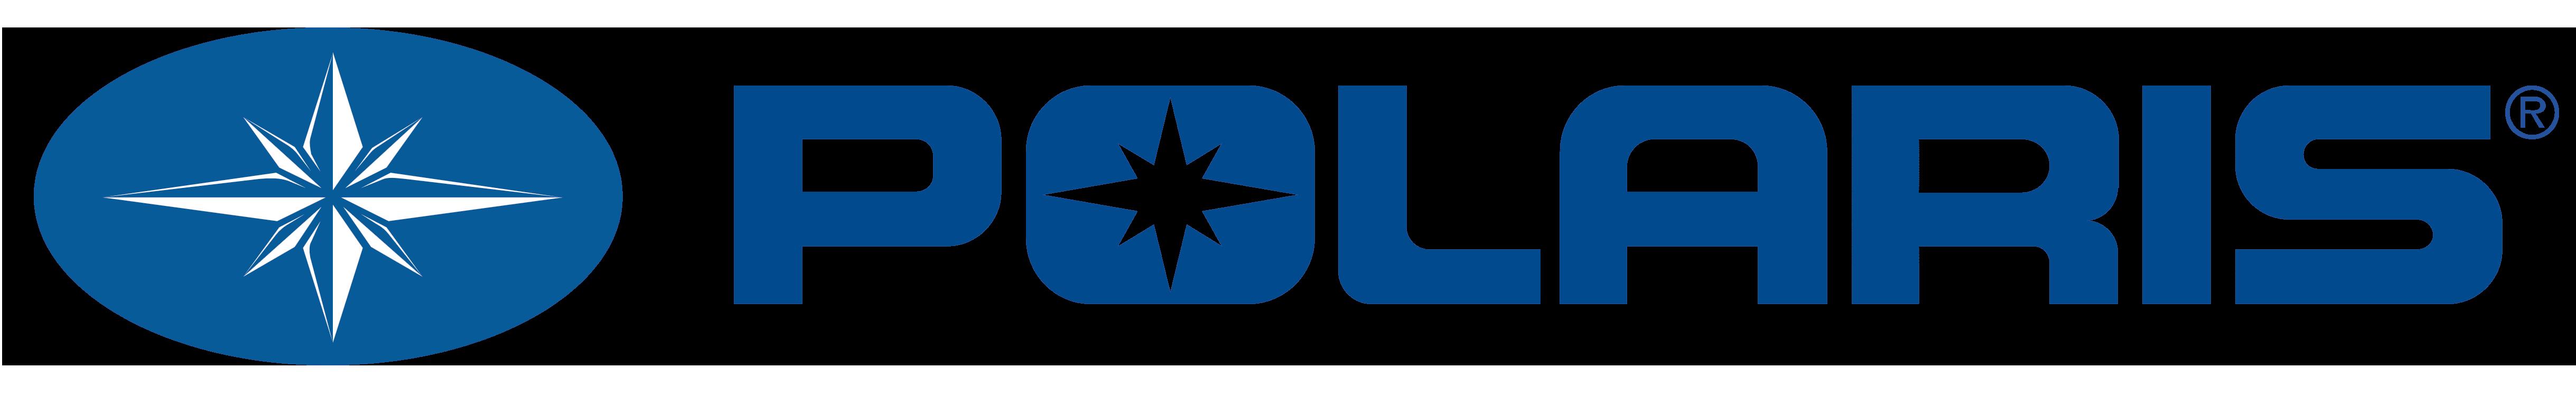 Polaris – Logos Download